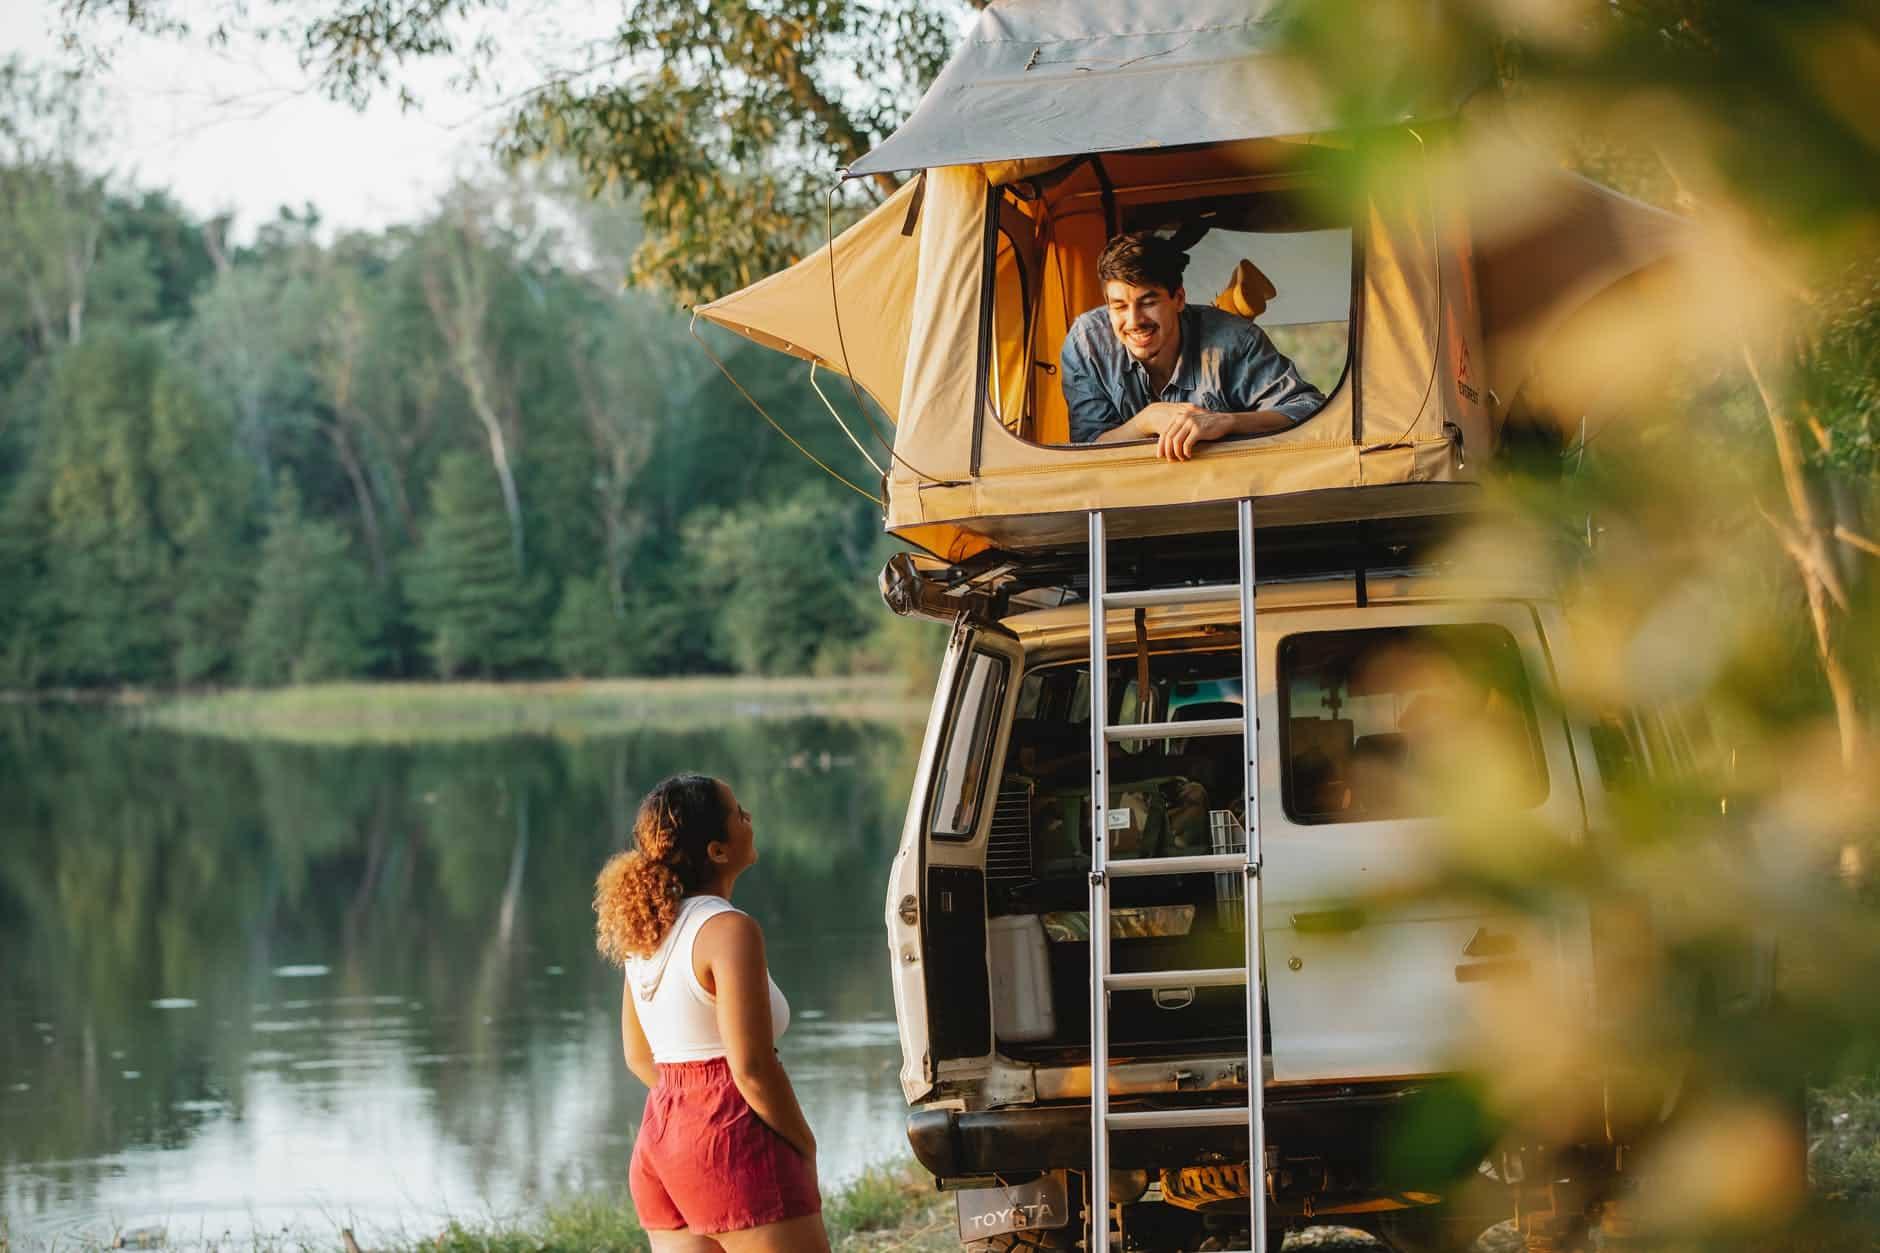 couple enjoying camping together on lakeside